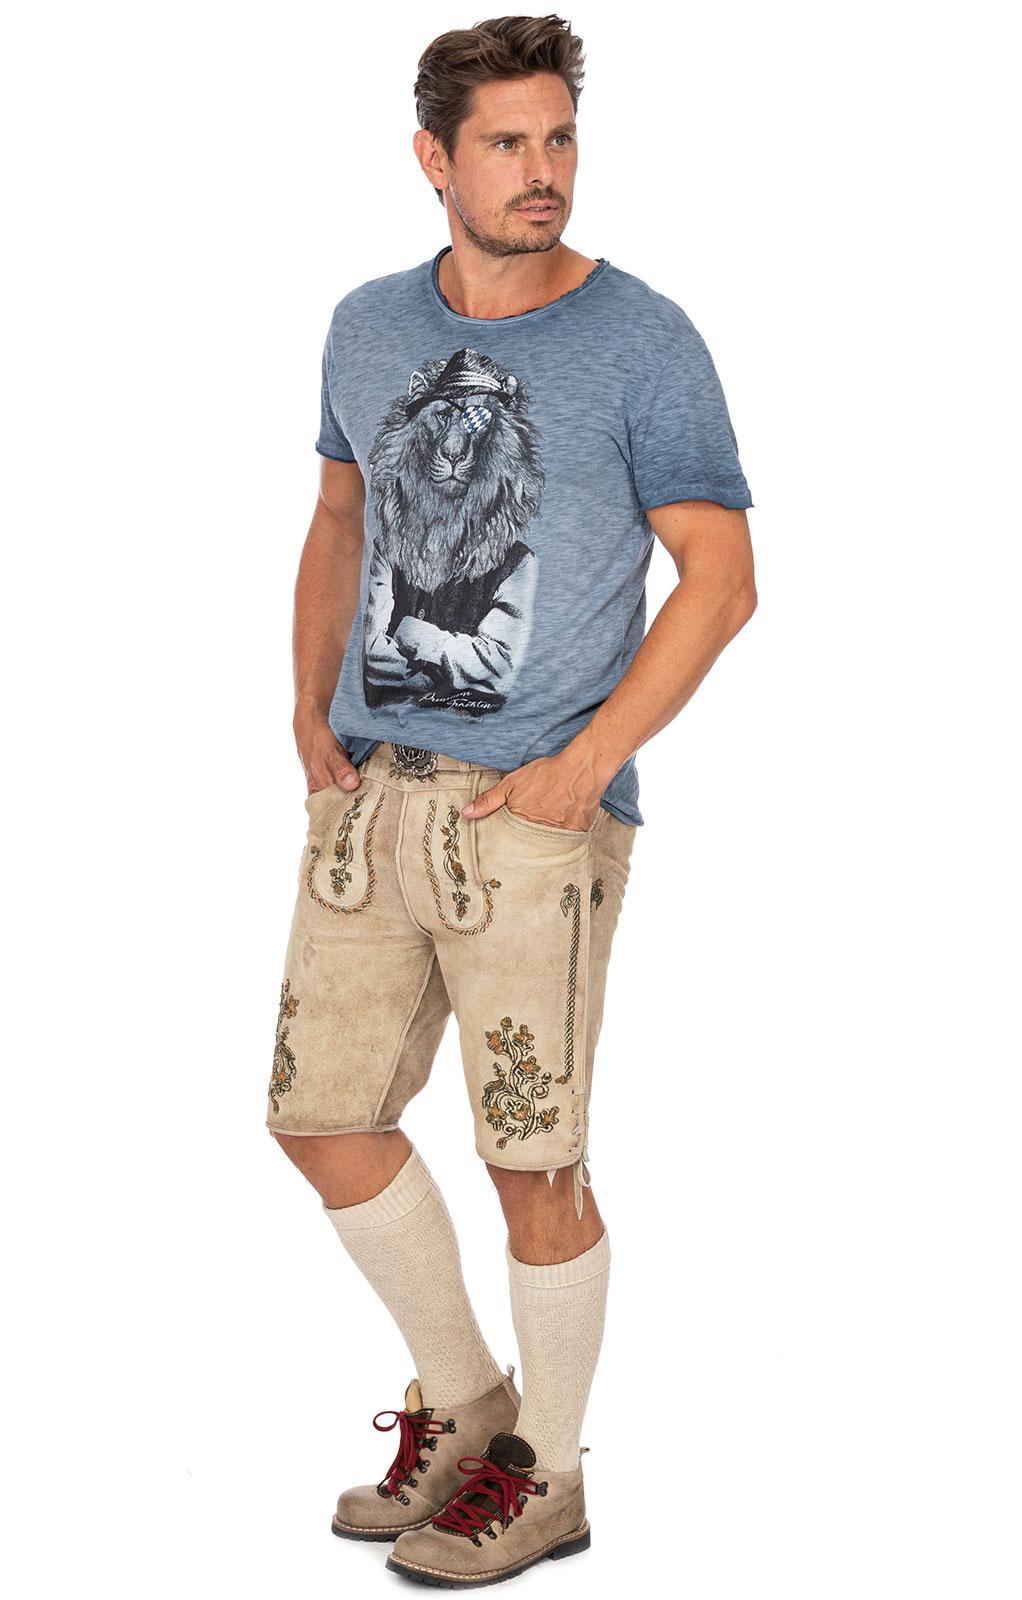 weitere Bilder von Trachten T-Shirt G16 - LEOPOLD blau